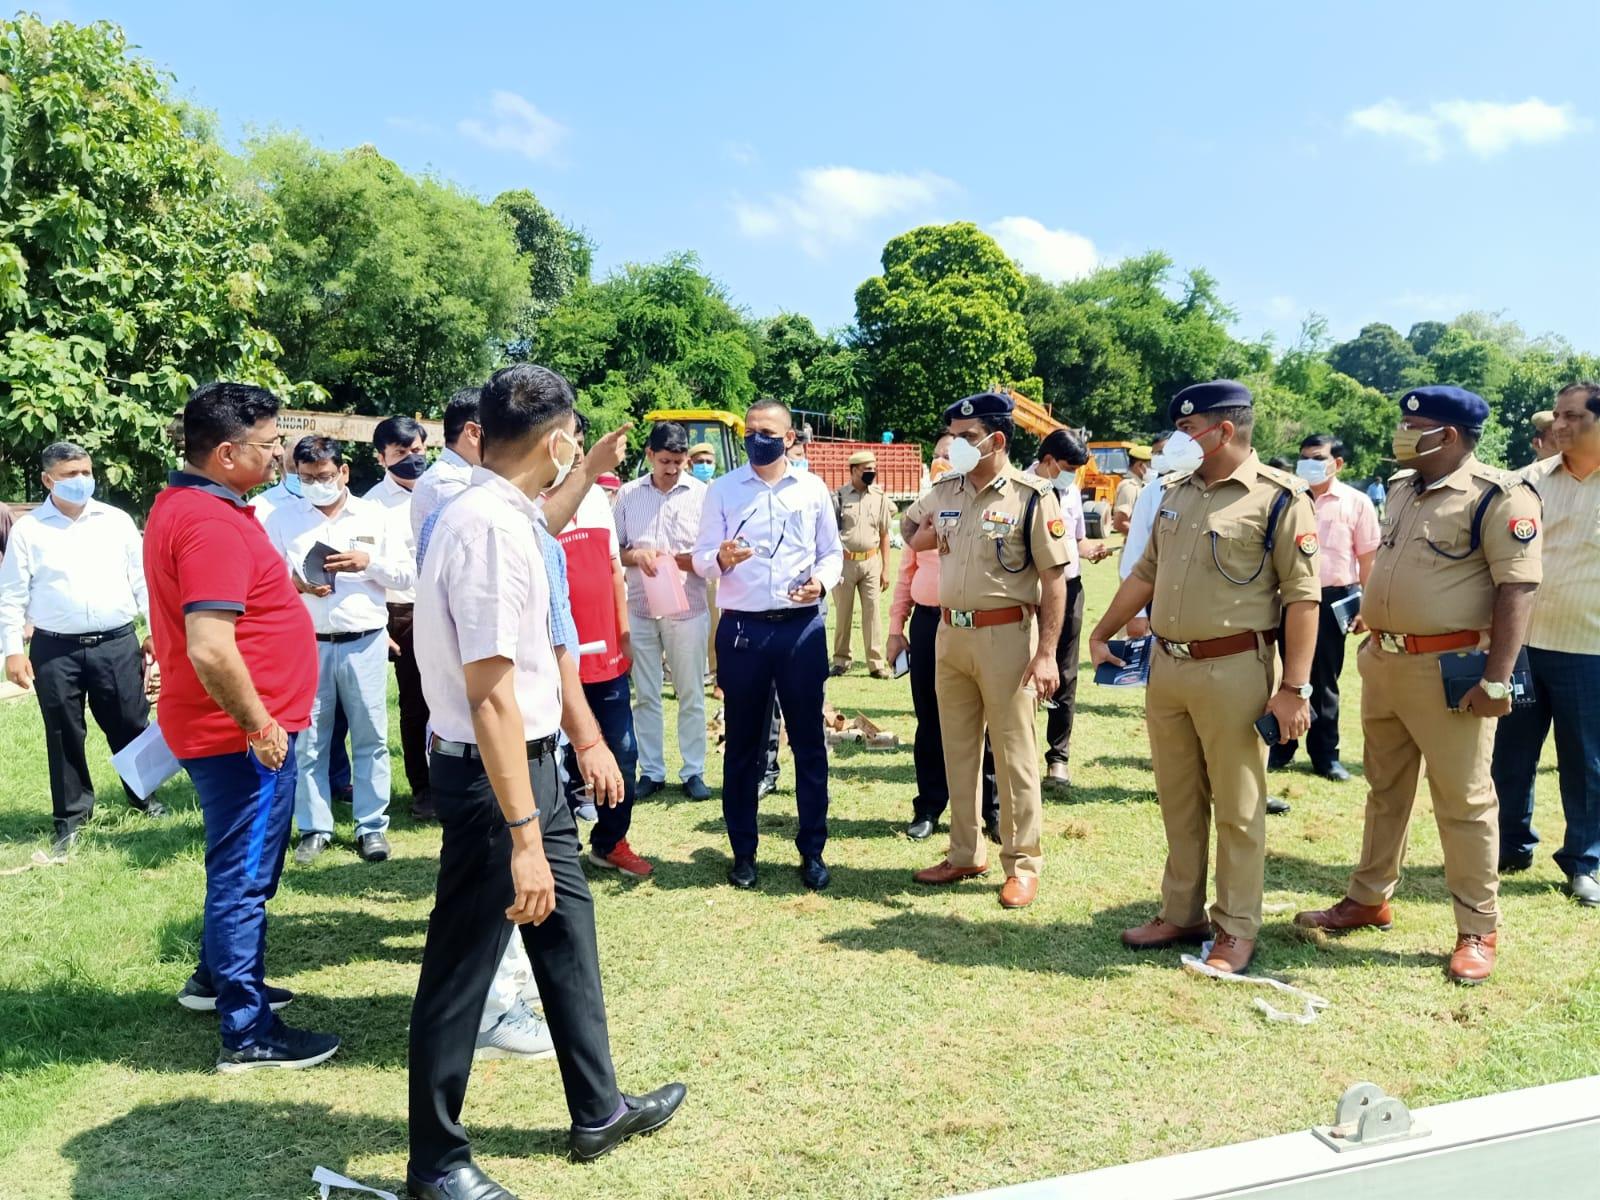 योगी आदित्यनाथ 30 सितंबर को DAV मैदान में जनसभा करेंगे, मंडलायुक्त ने कार्यक्रम स्थल का निरीक्षण किया कानपुर,Kanpur - Dainik Bhaskar